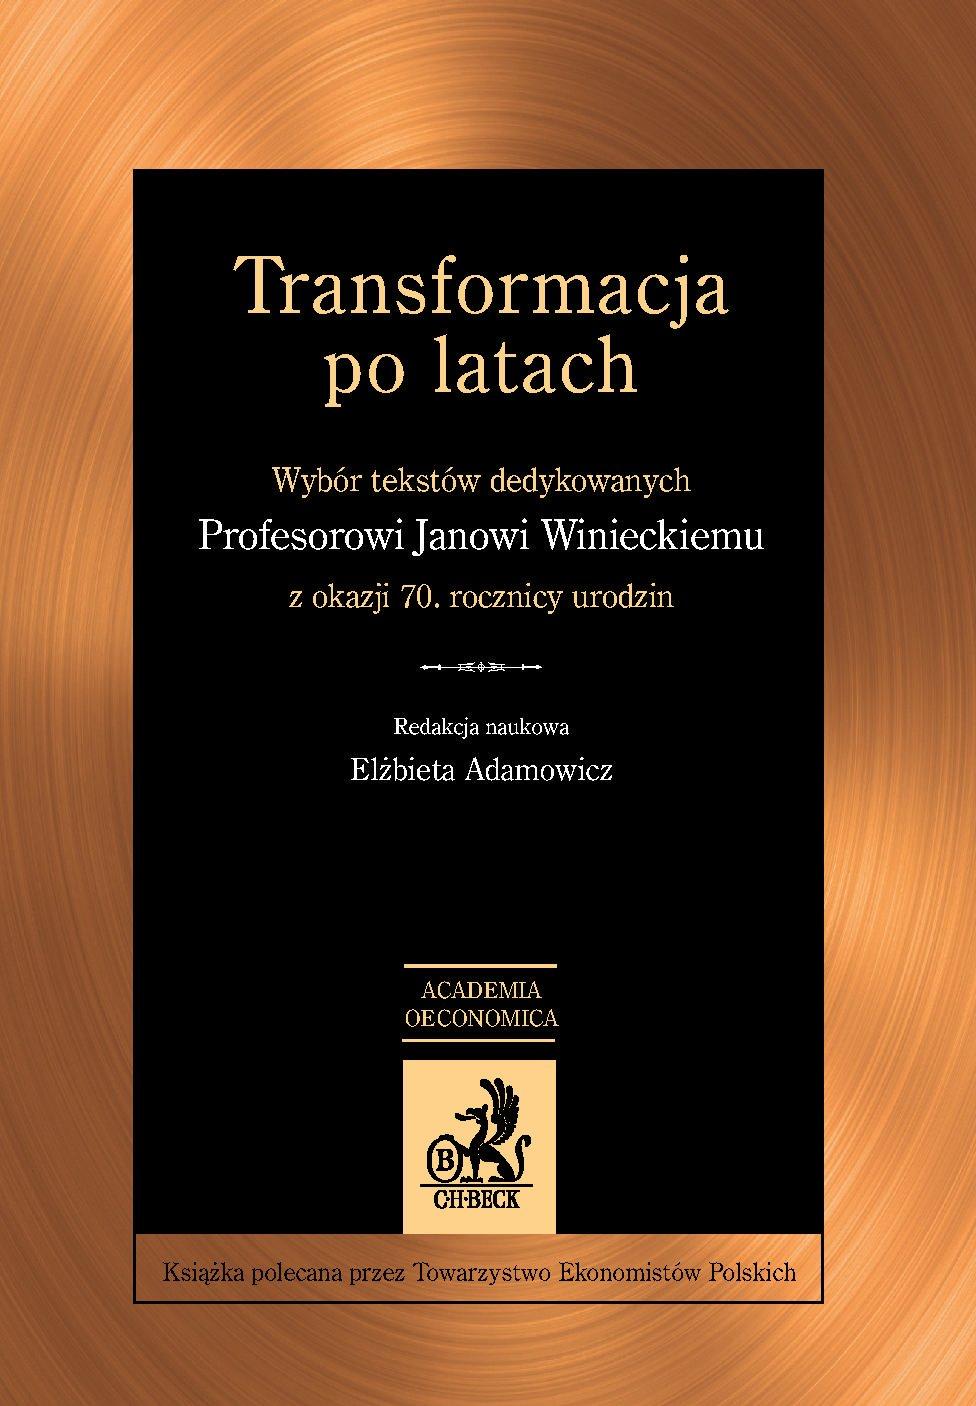 Transformacja po latach. Wybór tekstów dedykowanych Janowi Winieckiemu z okazji 70. rocznicy urodzin - Ebook (Książka PDF) do pobrania w formacie PDF